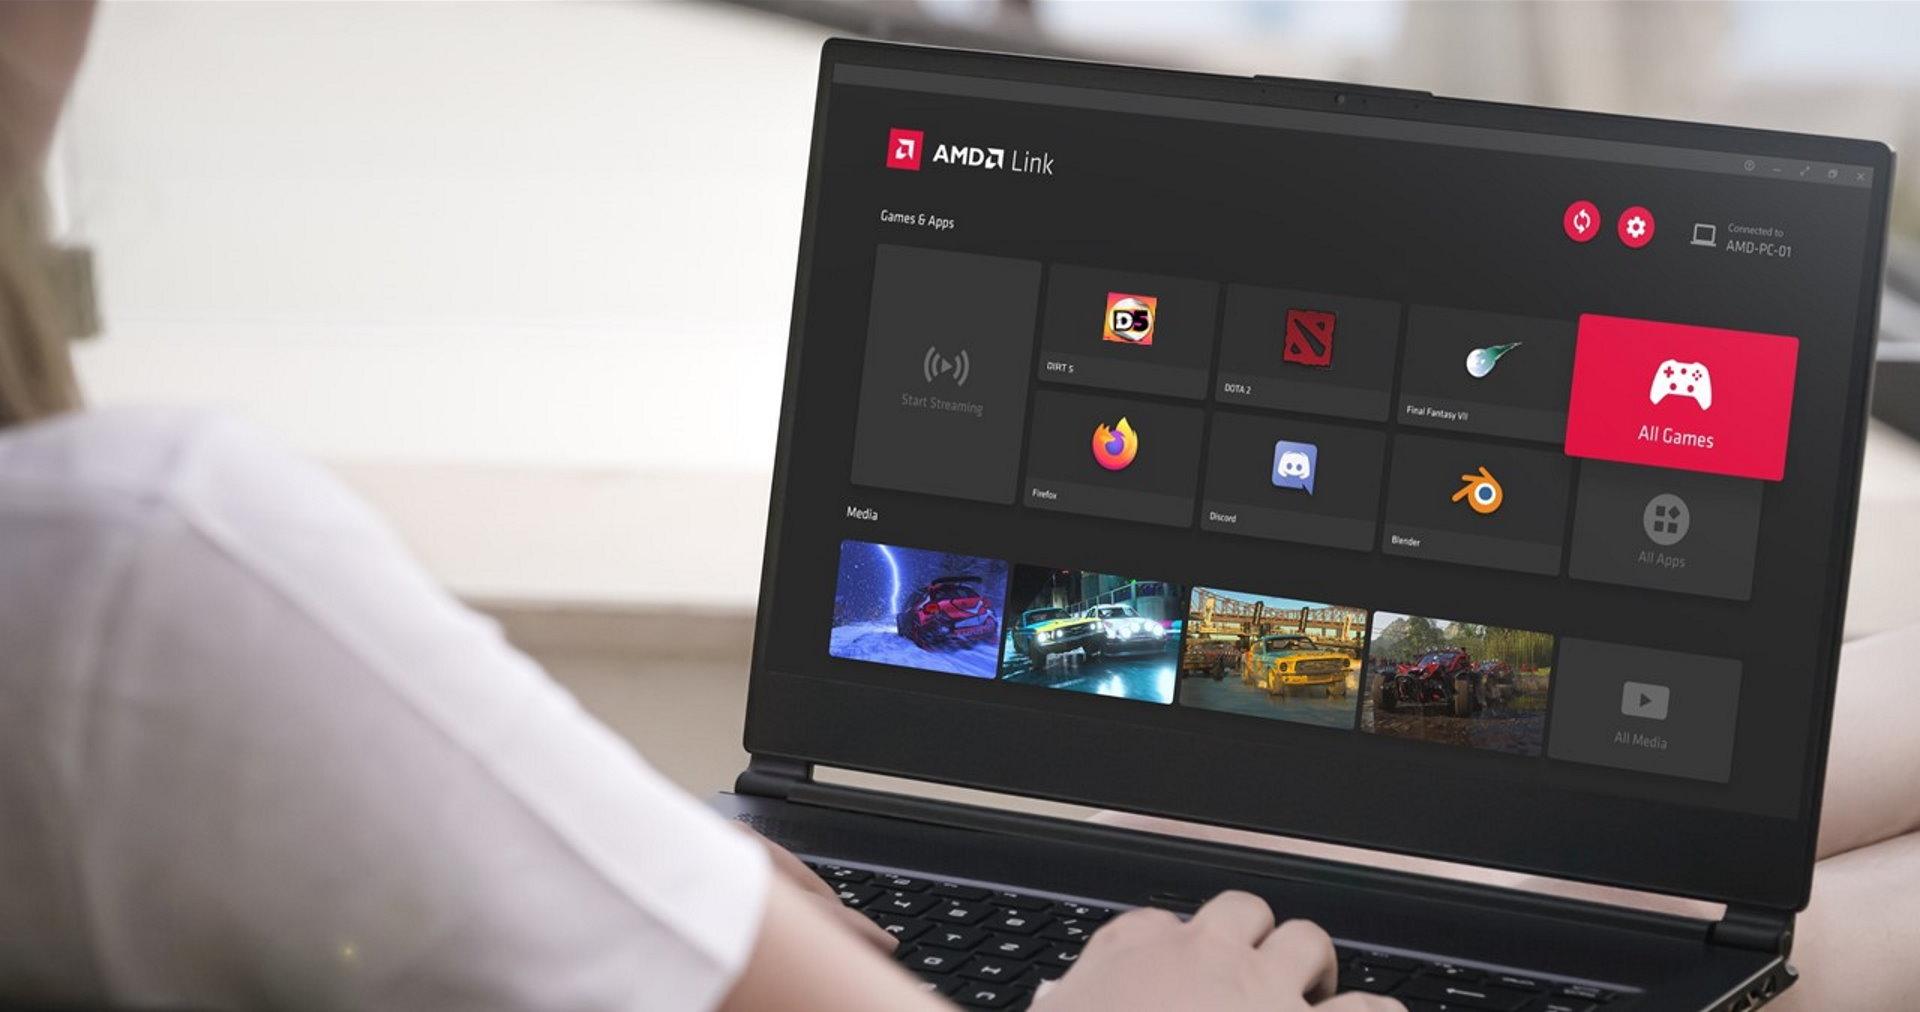 AMD Link arrive sur PC et l'interface de la suite Adrenalin se peaufine